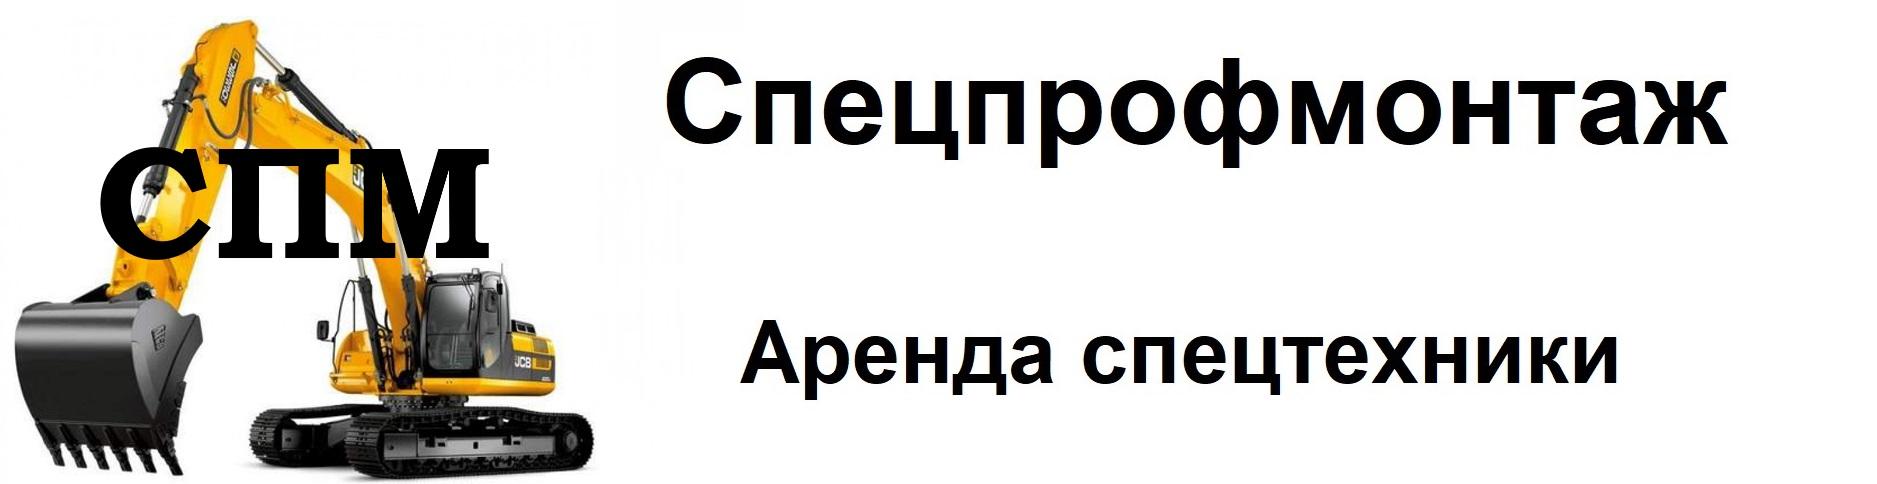 Аренда спецтехникики в Екатеринбурге